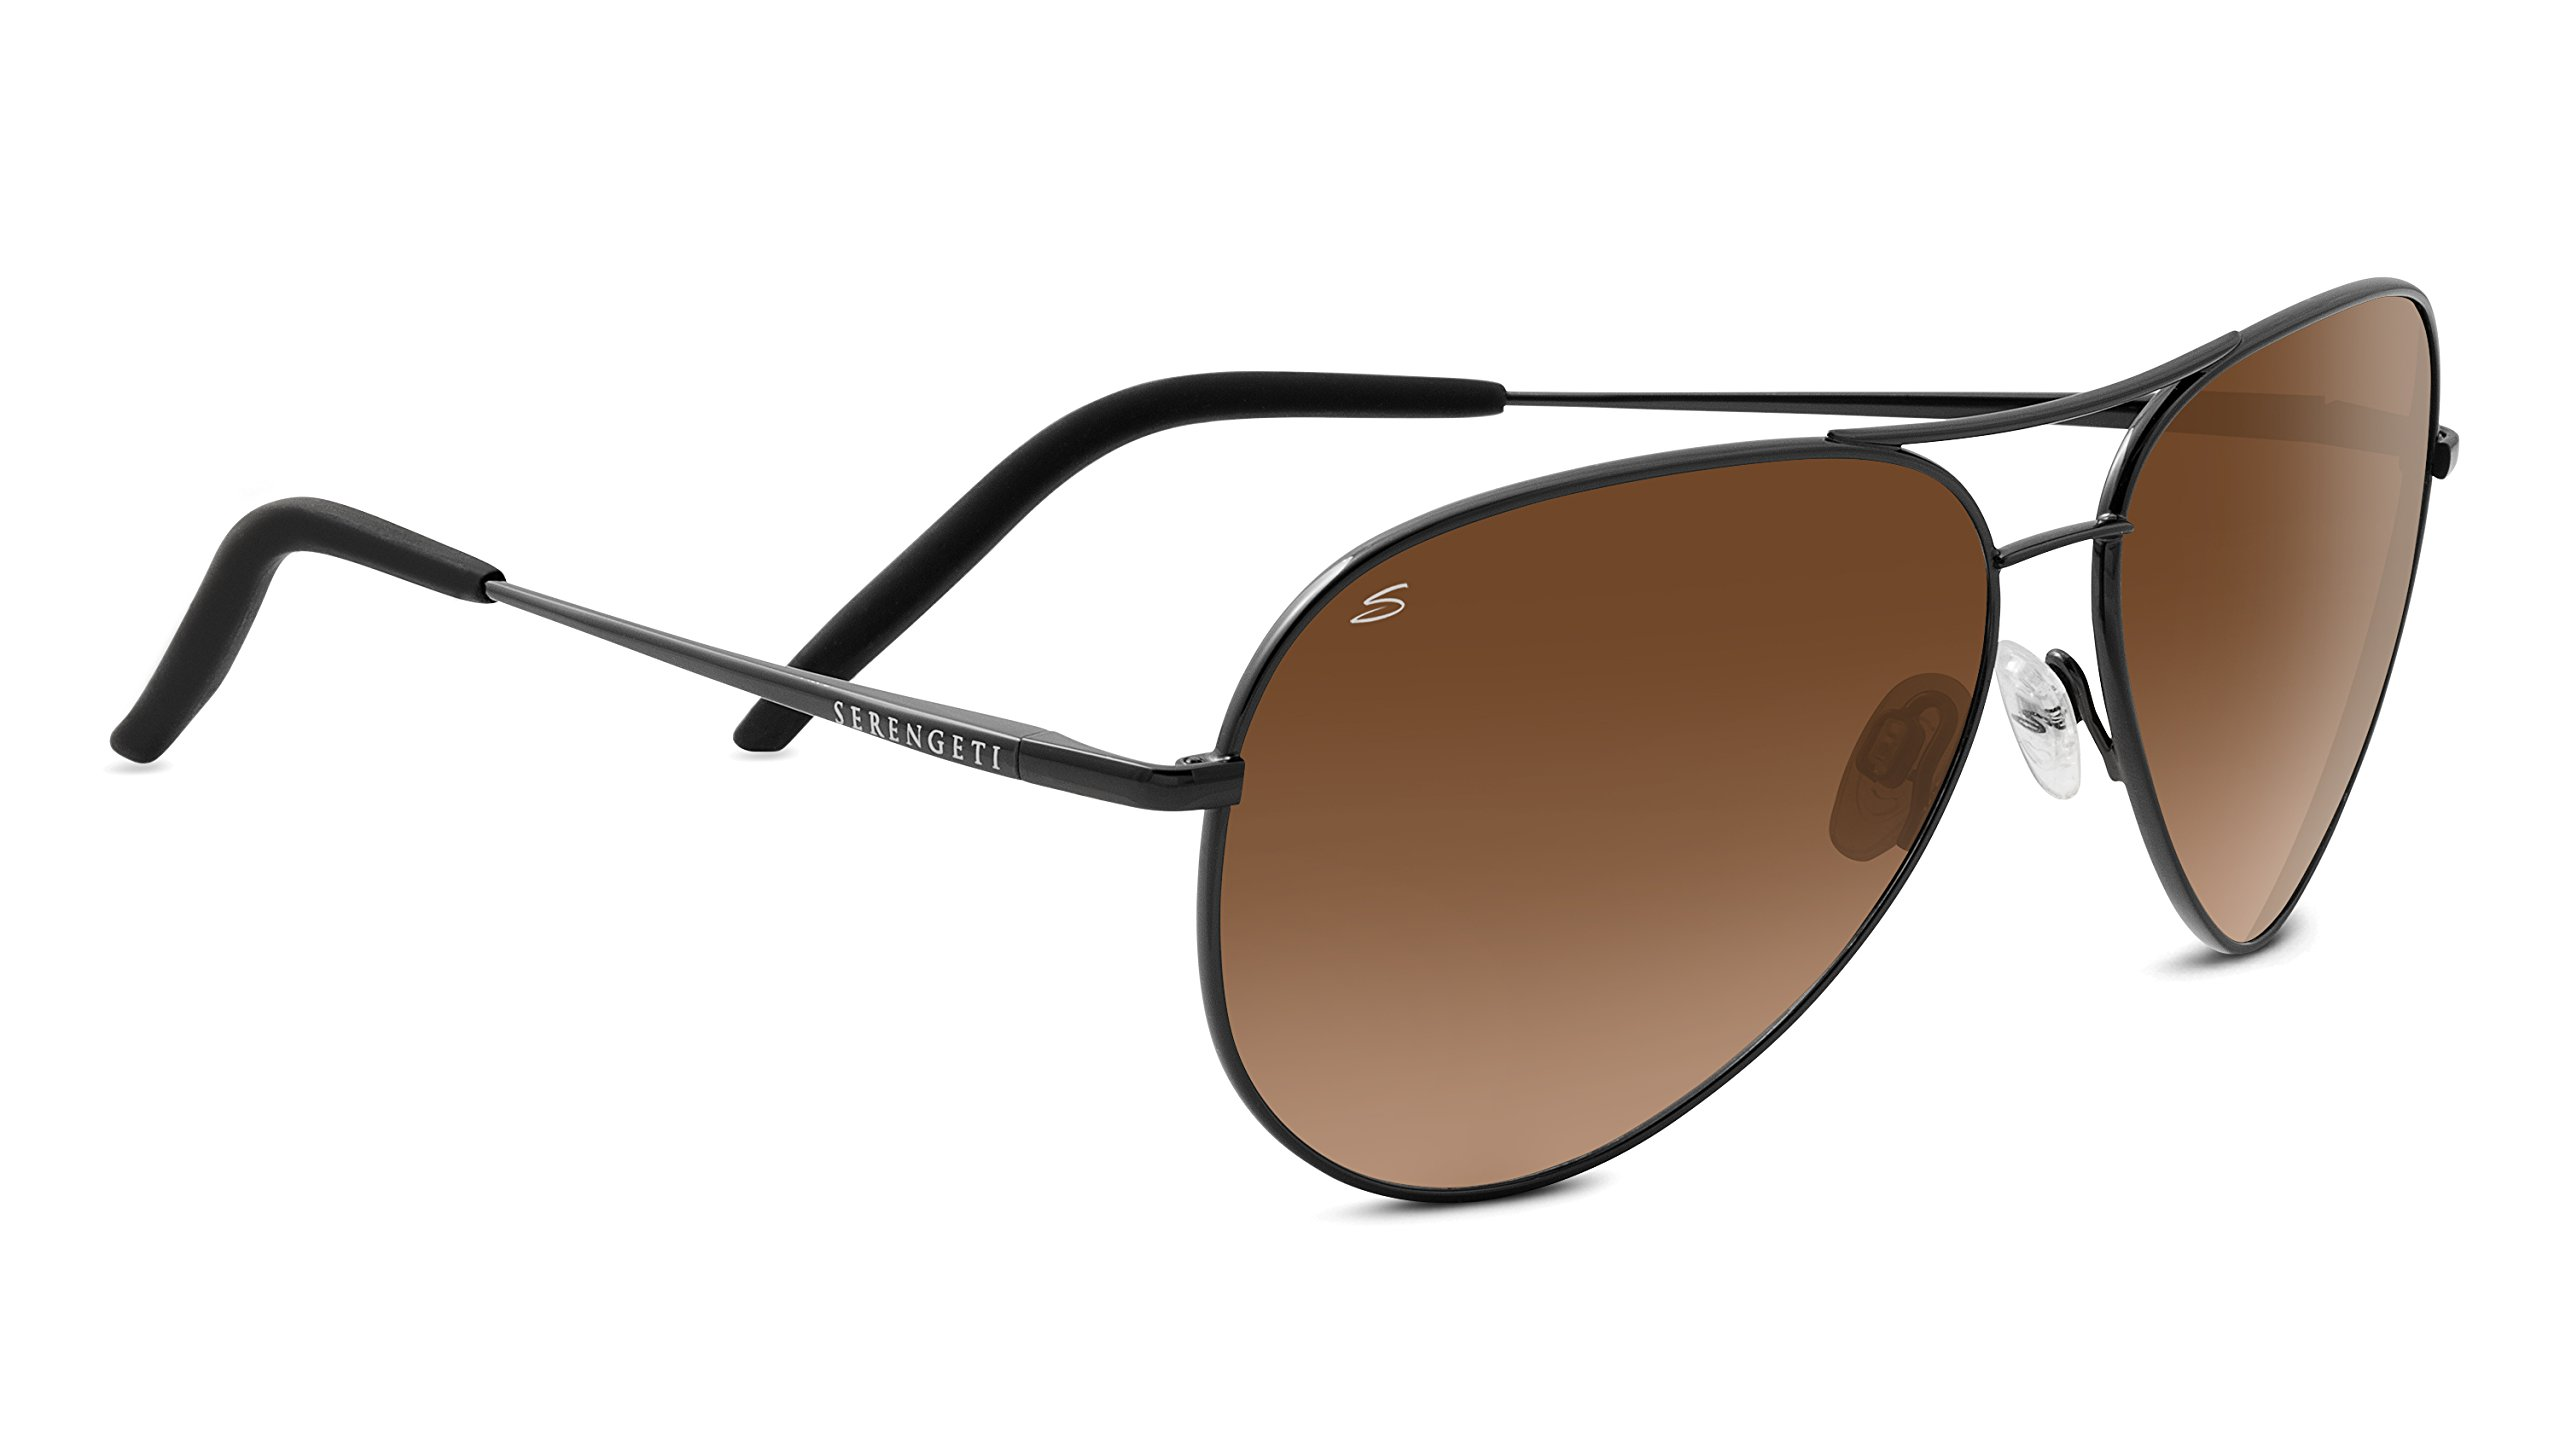 Serengeti Carrara sunglasses, Satin Dark Gunmetal